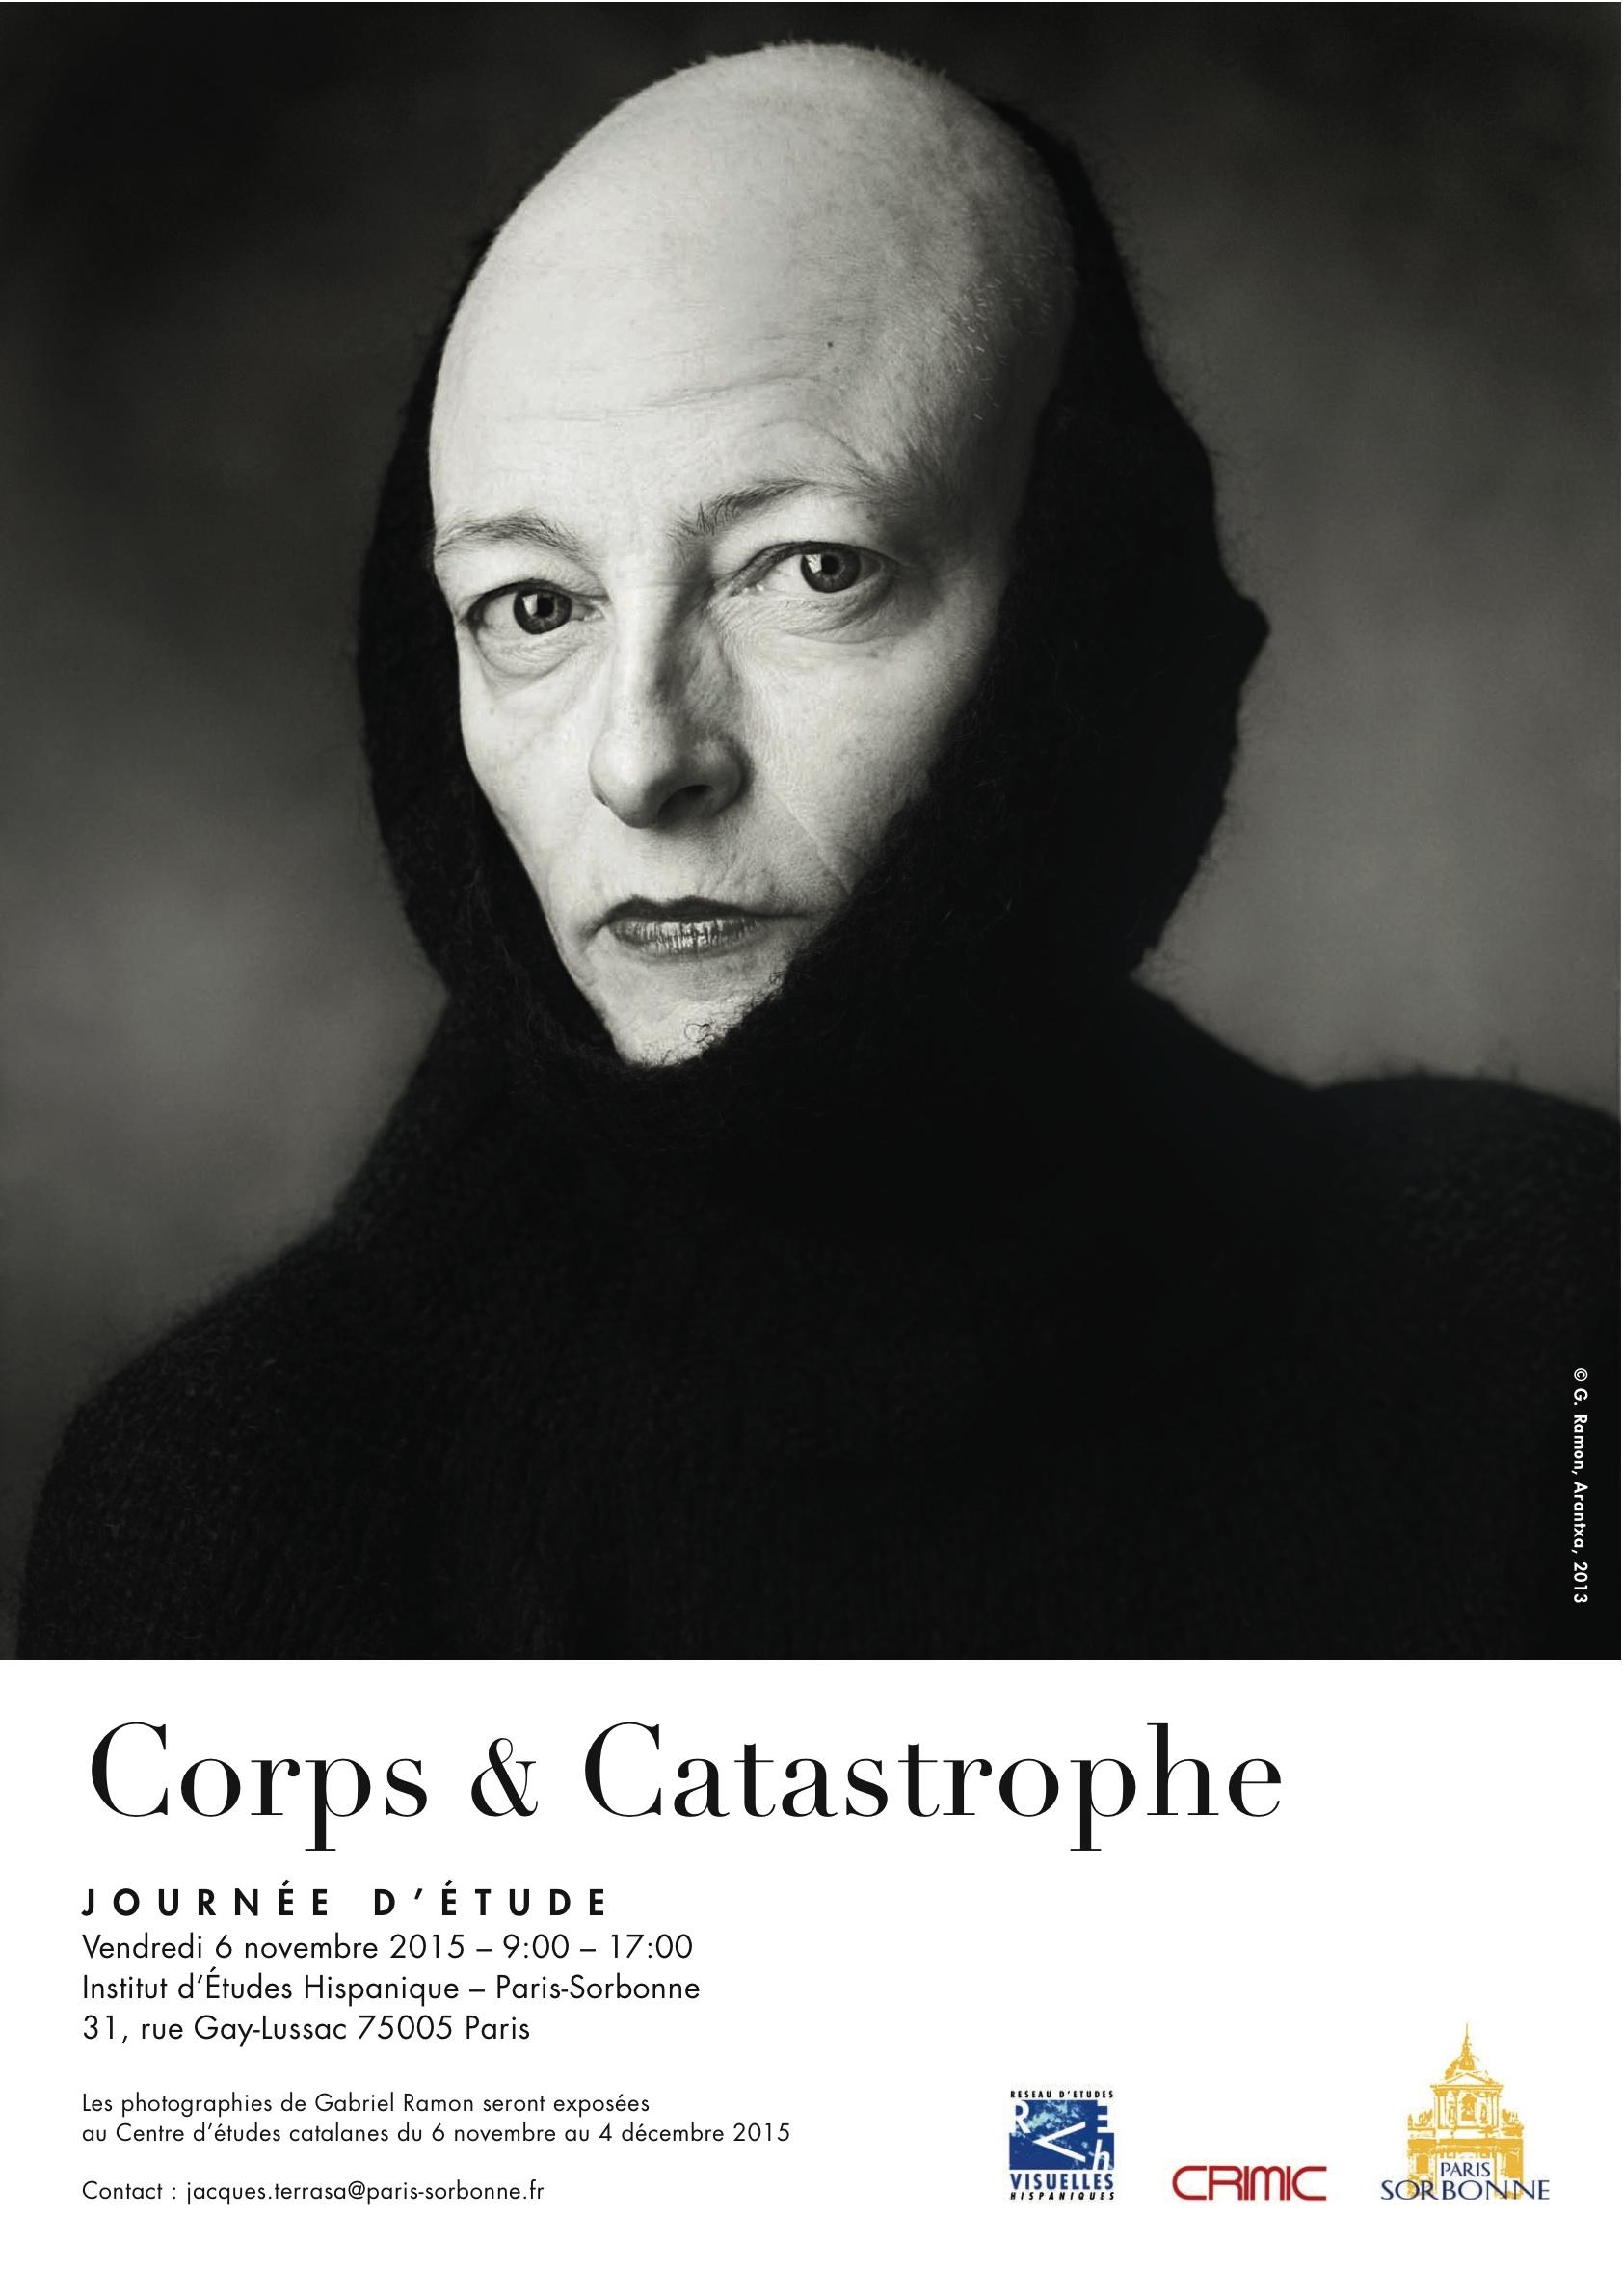 Corps et catastrophe